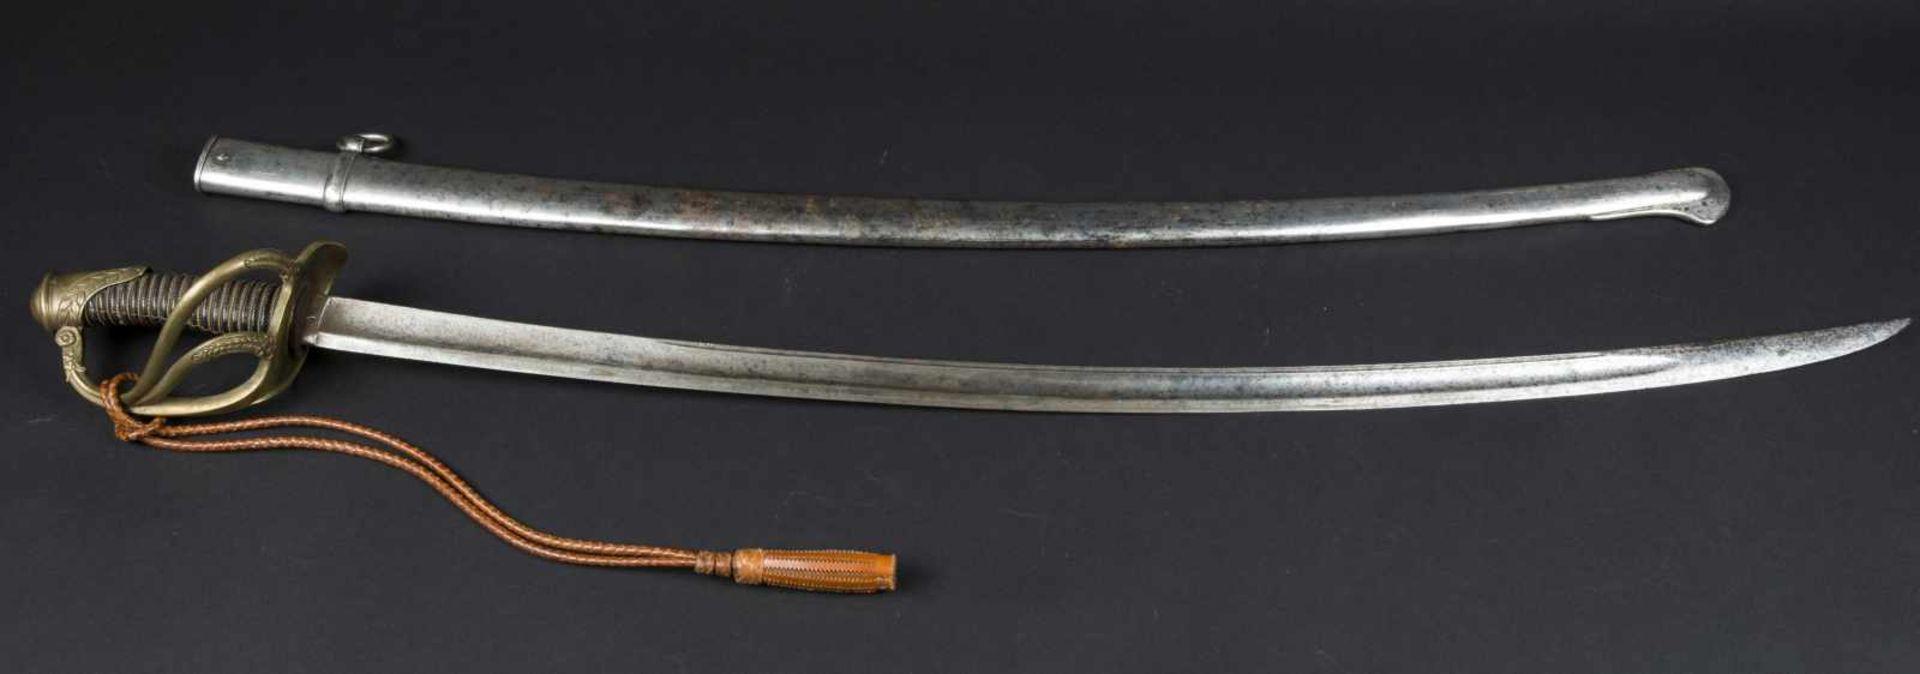 Lot de trois sabres officier de cavalerie légère 1822-1882 bon état, avec dragonne à cordon tressé